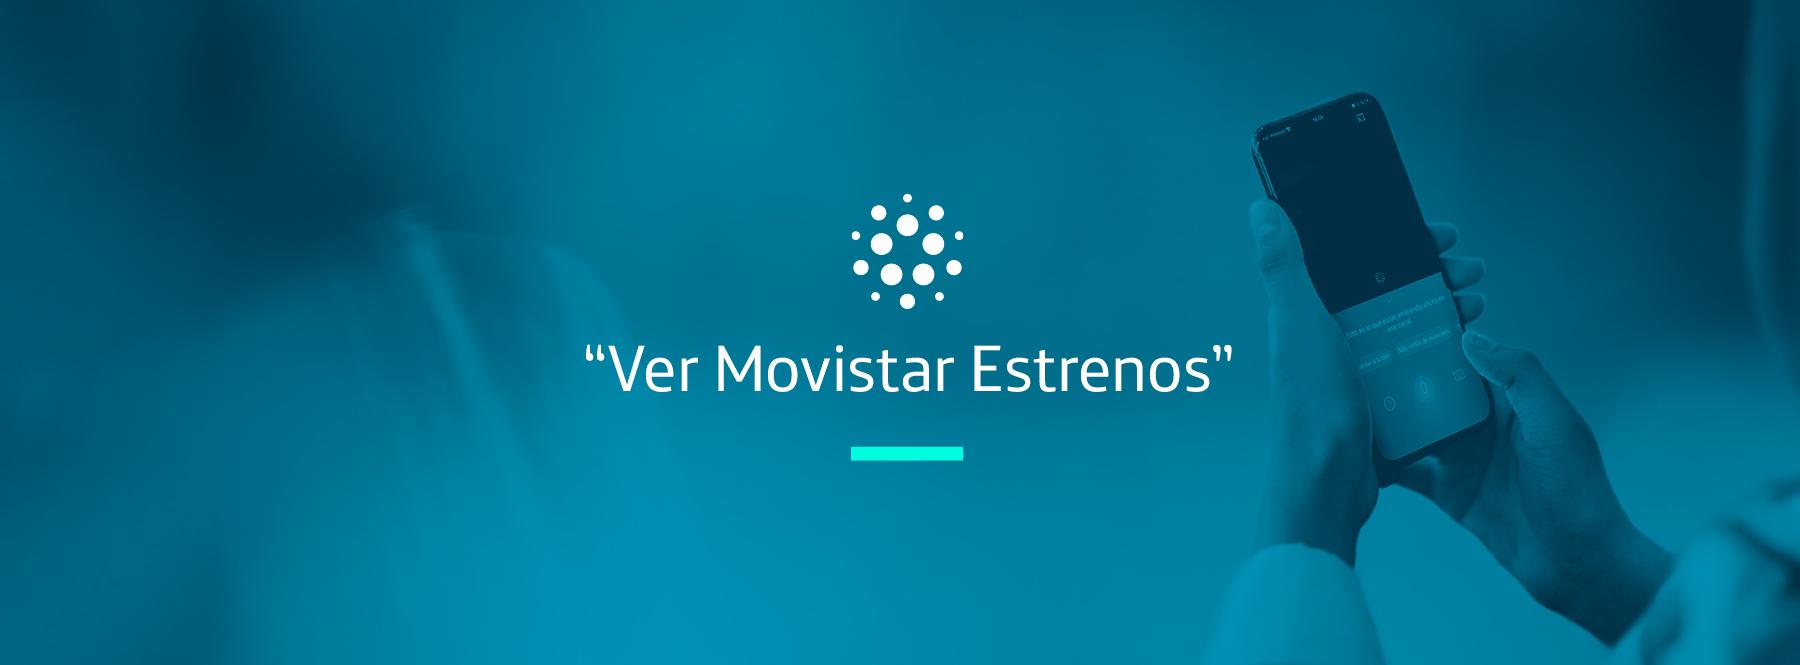 """""""Ver Movistar Estrenos"""": Aura te ayuda a ver tus películas favoritas en la TV con la App Movistar+"""""""